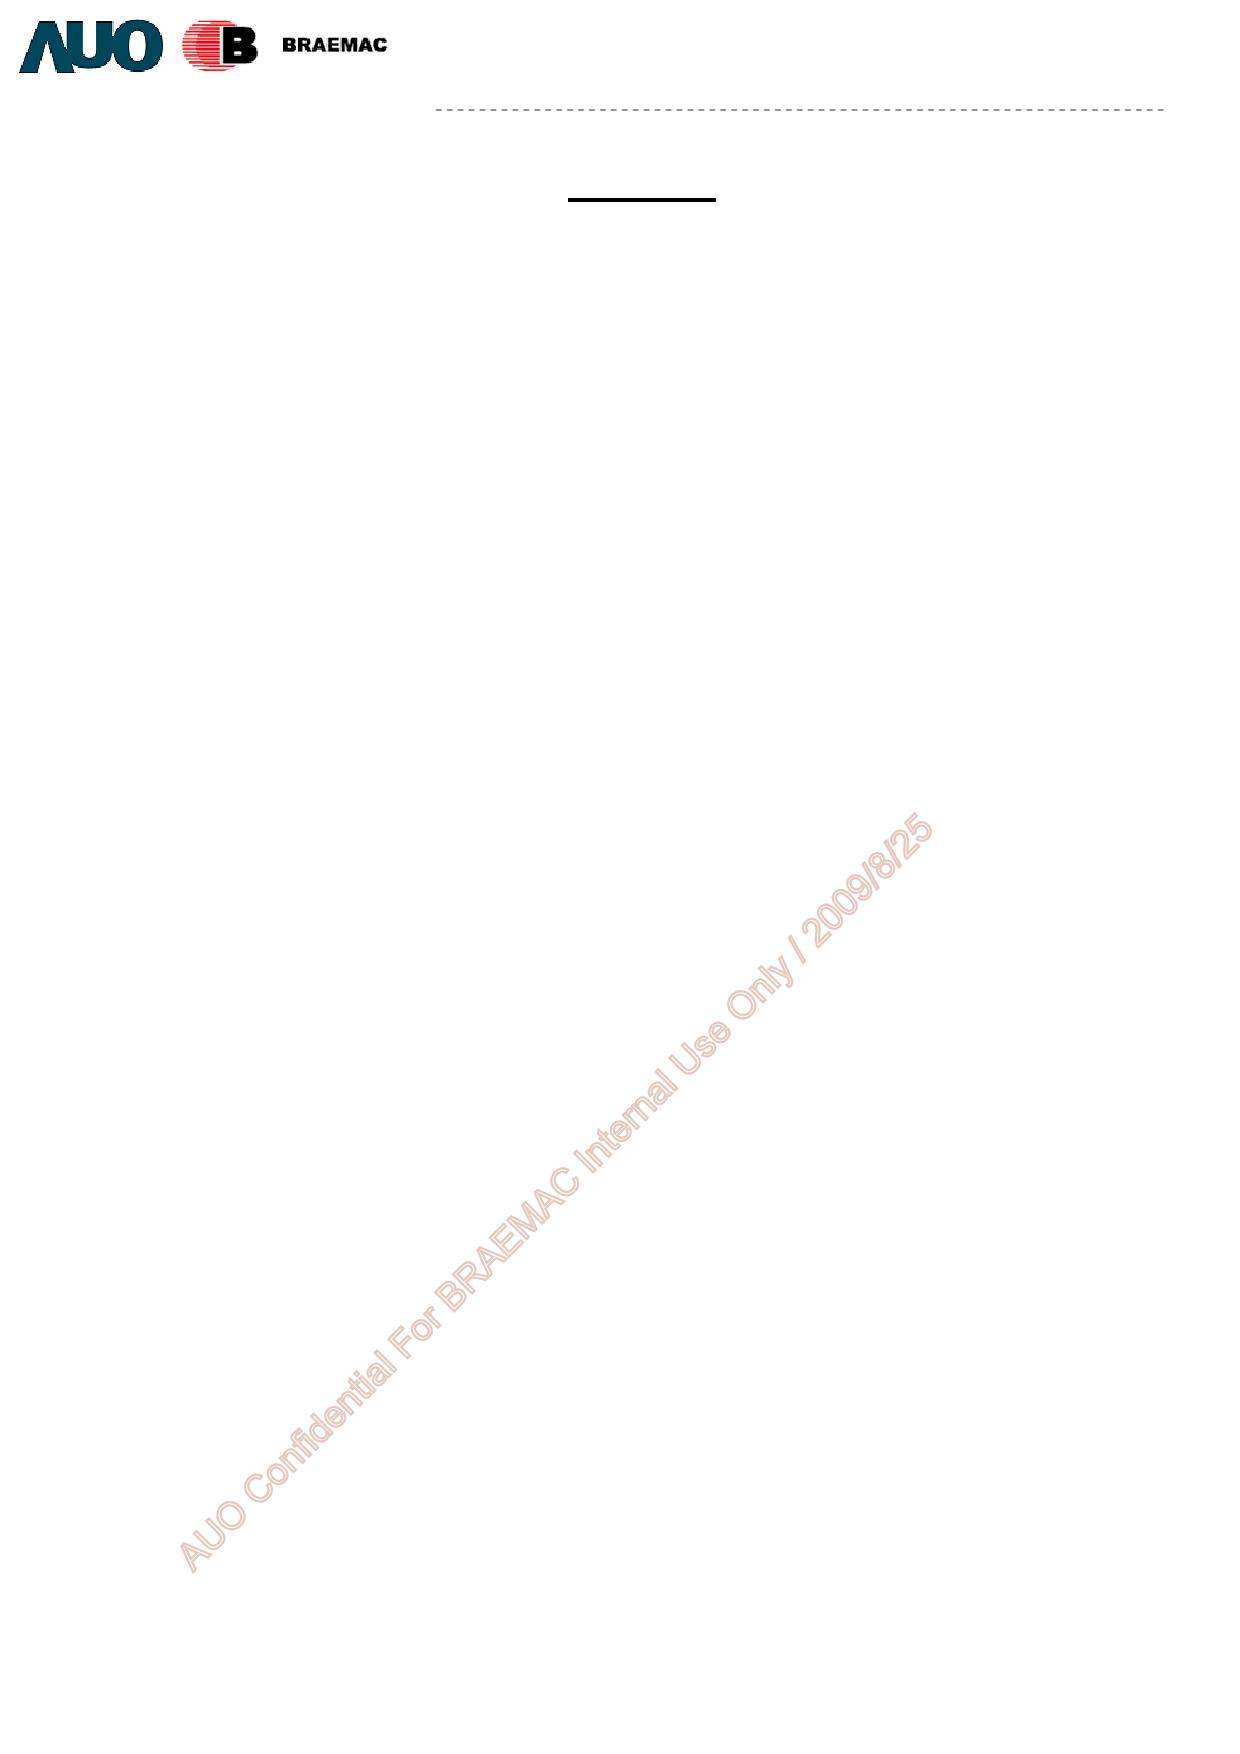 G070VW01_V0 Даташит, Описание, Даташиты